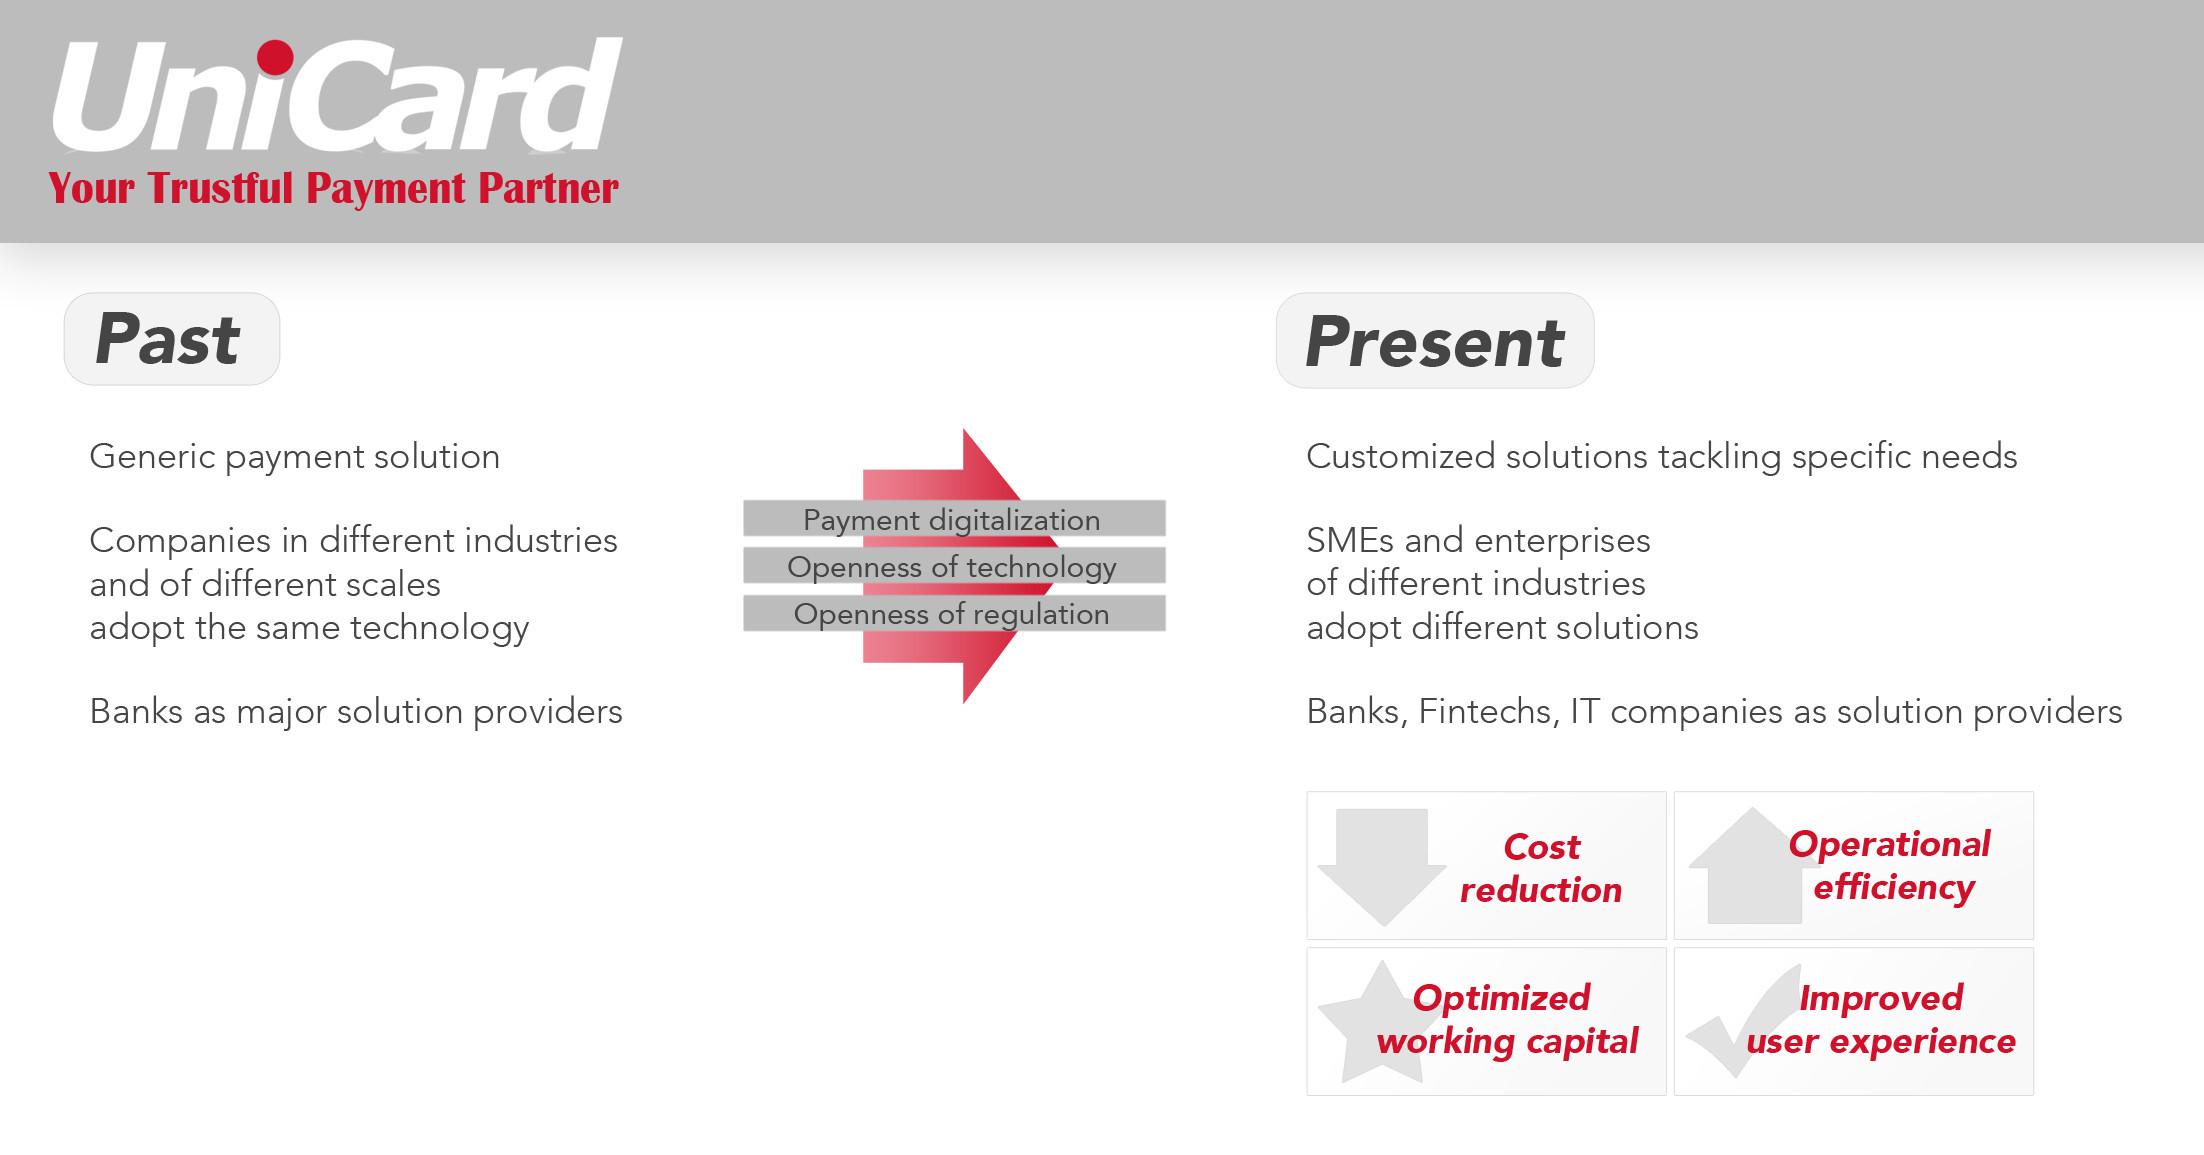 新型的企業對企業(B2B)支付方案,為中小企業提供了一系列特定的解決方案